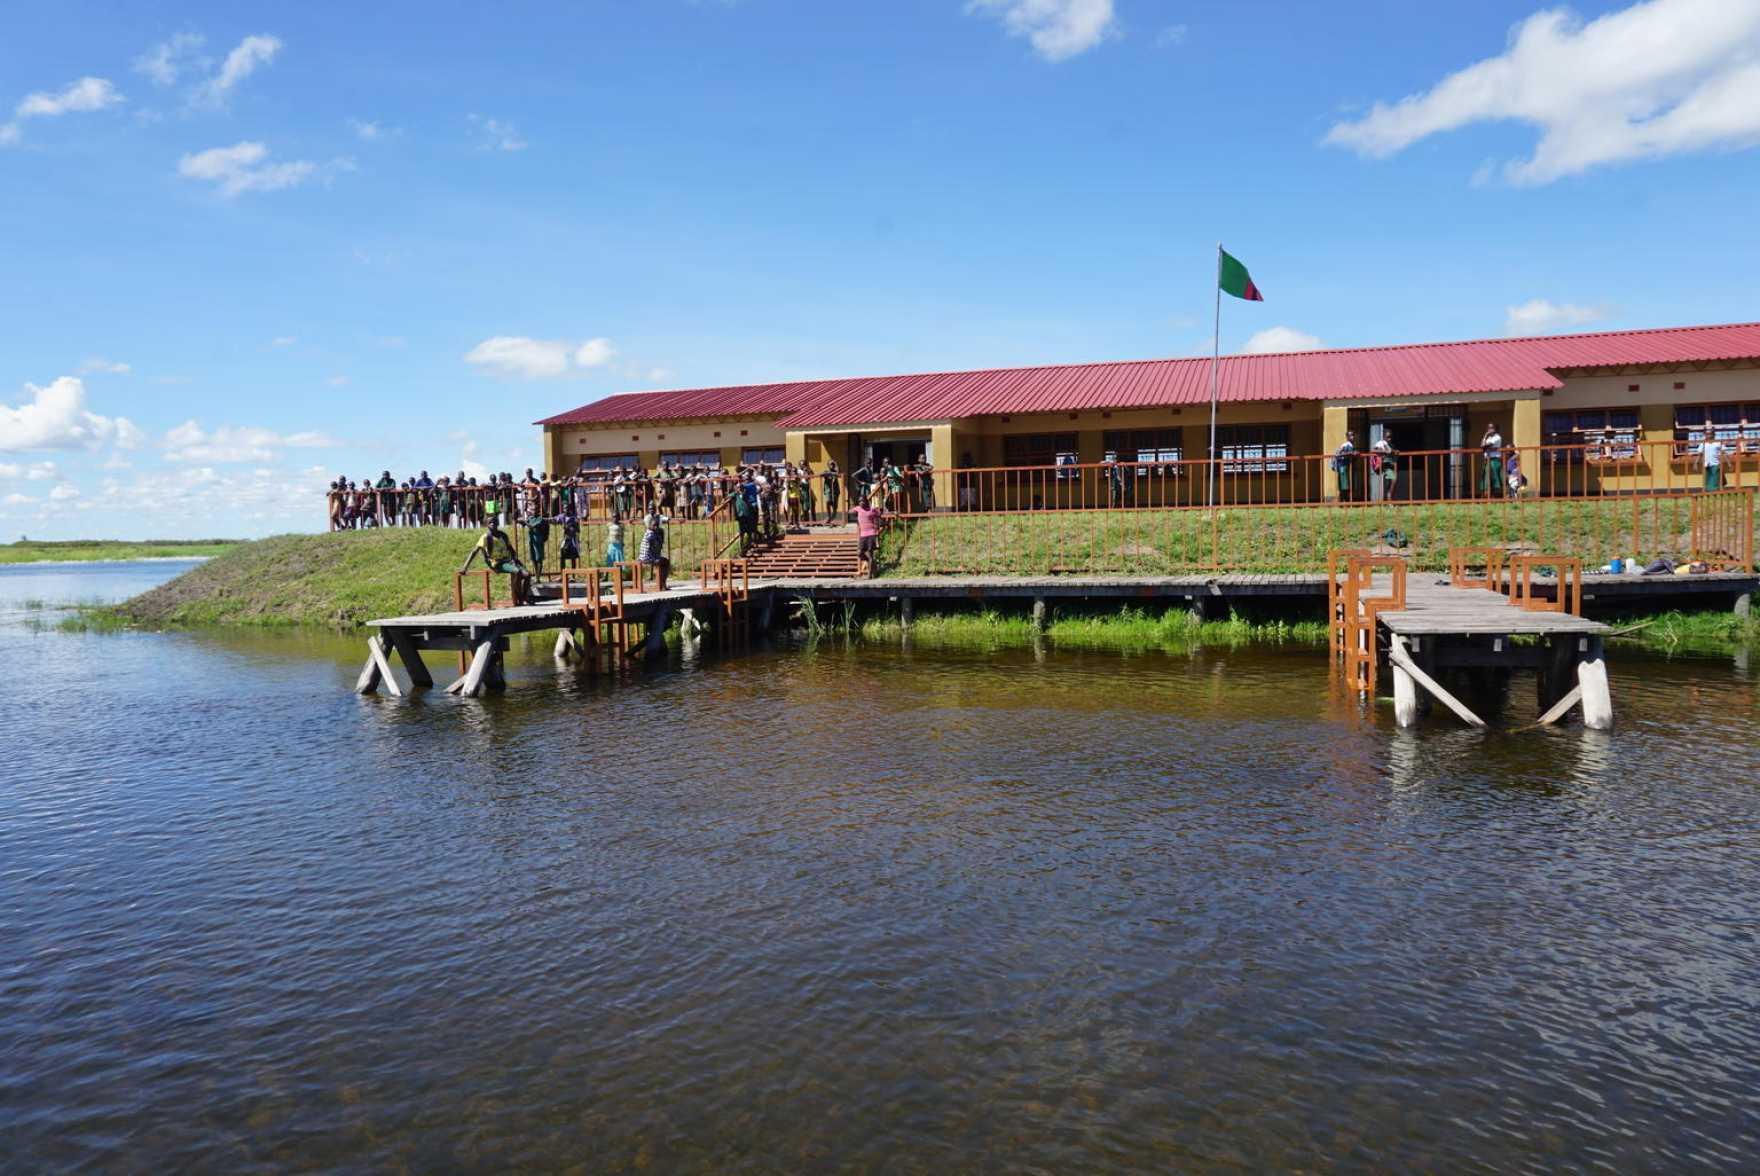 En skola vid vatten i Zambia.